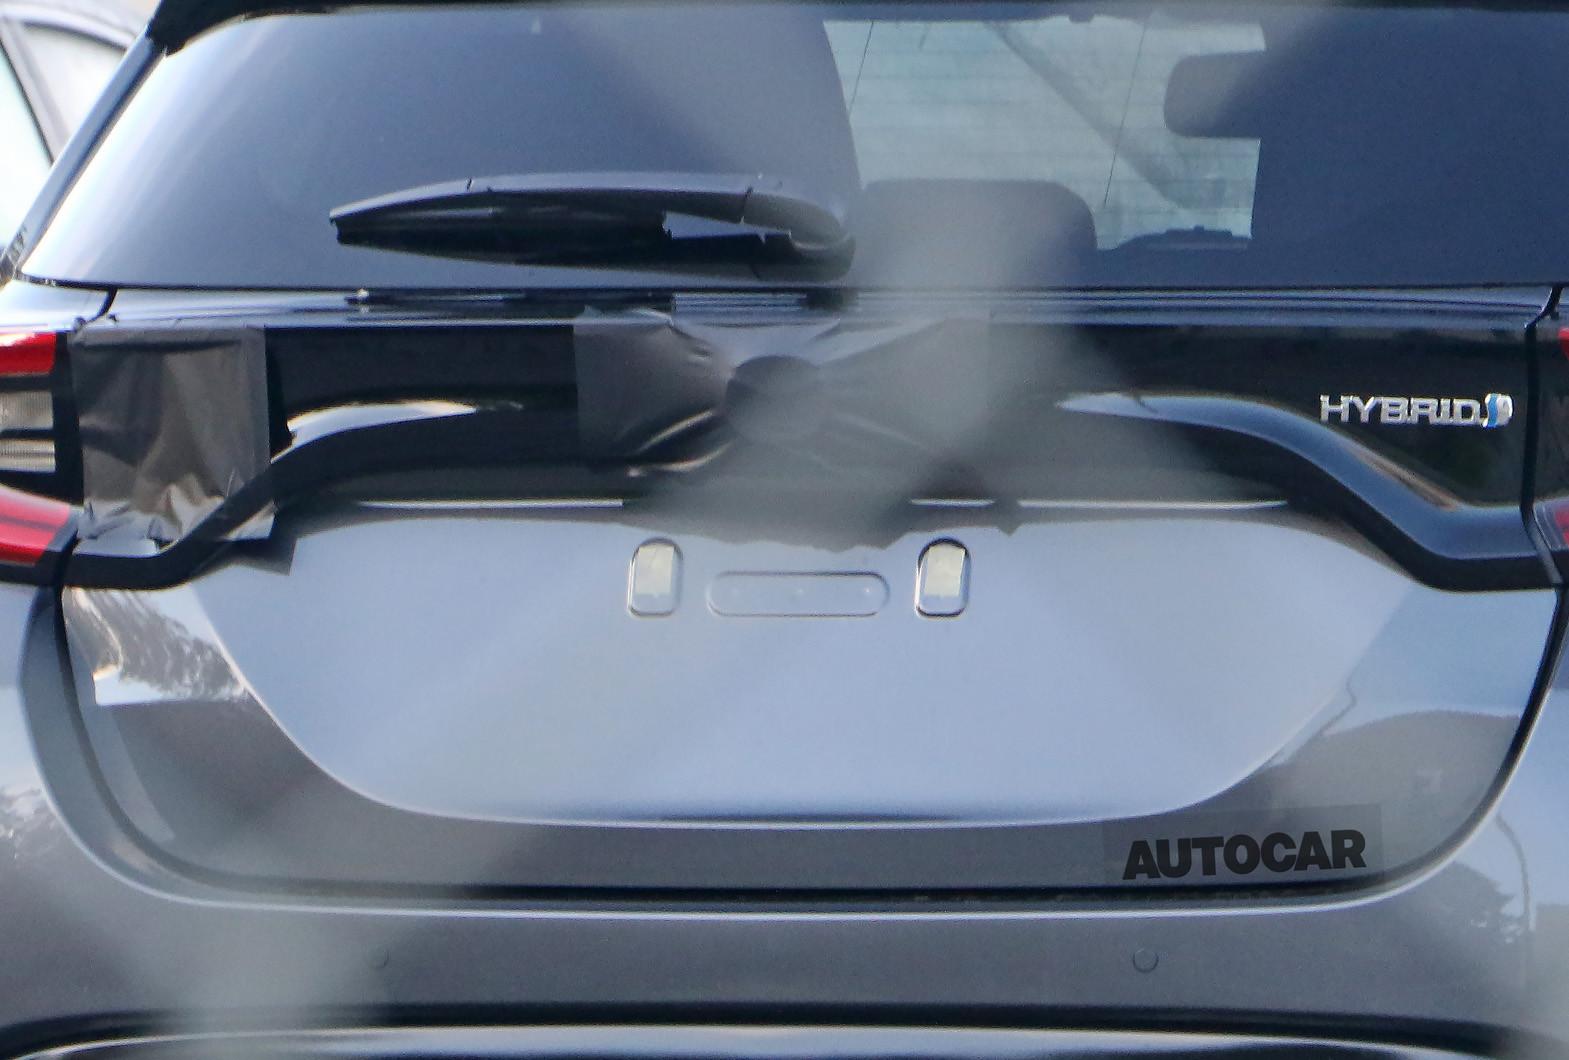 Mazda2 - Poze spion - Mazda2 - Poze spion